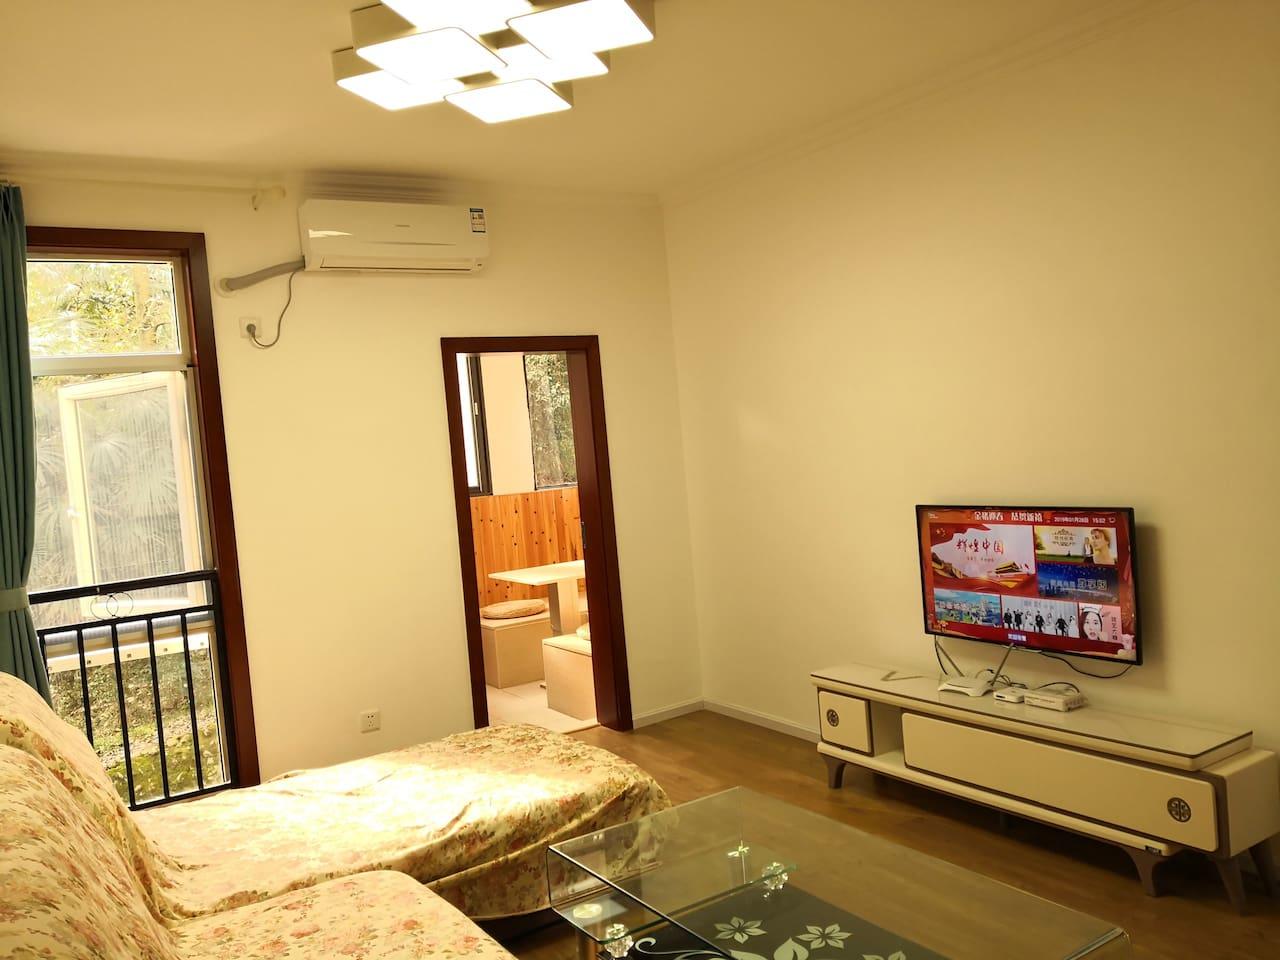 客厅有空调、电视、沙发、茶几